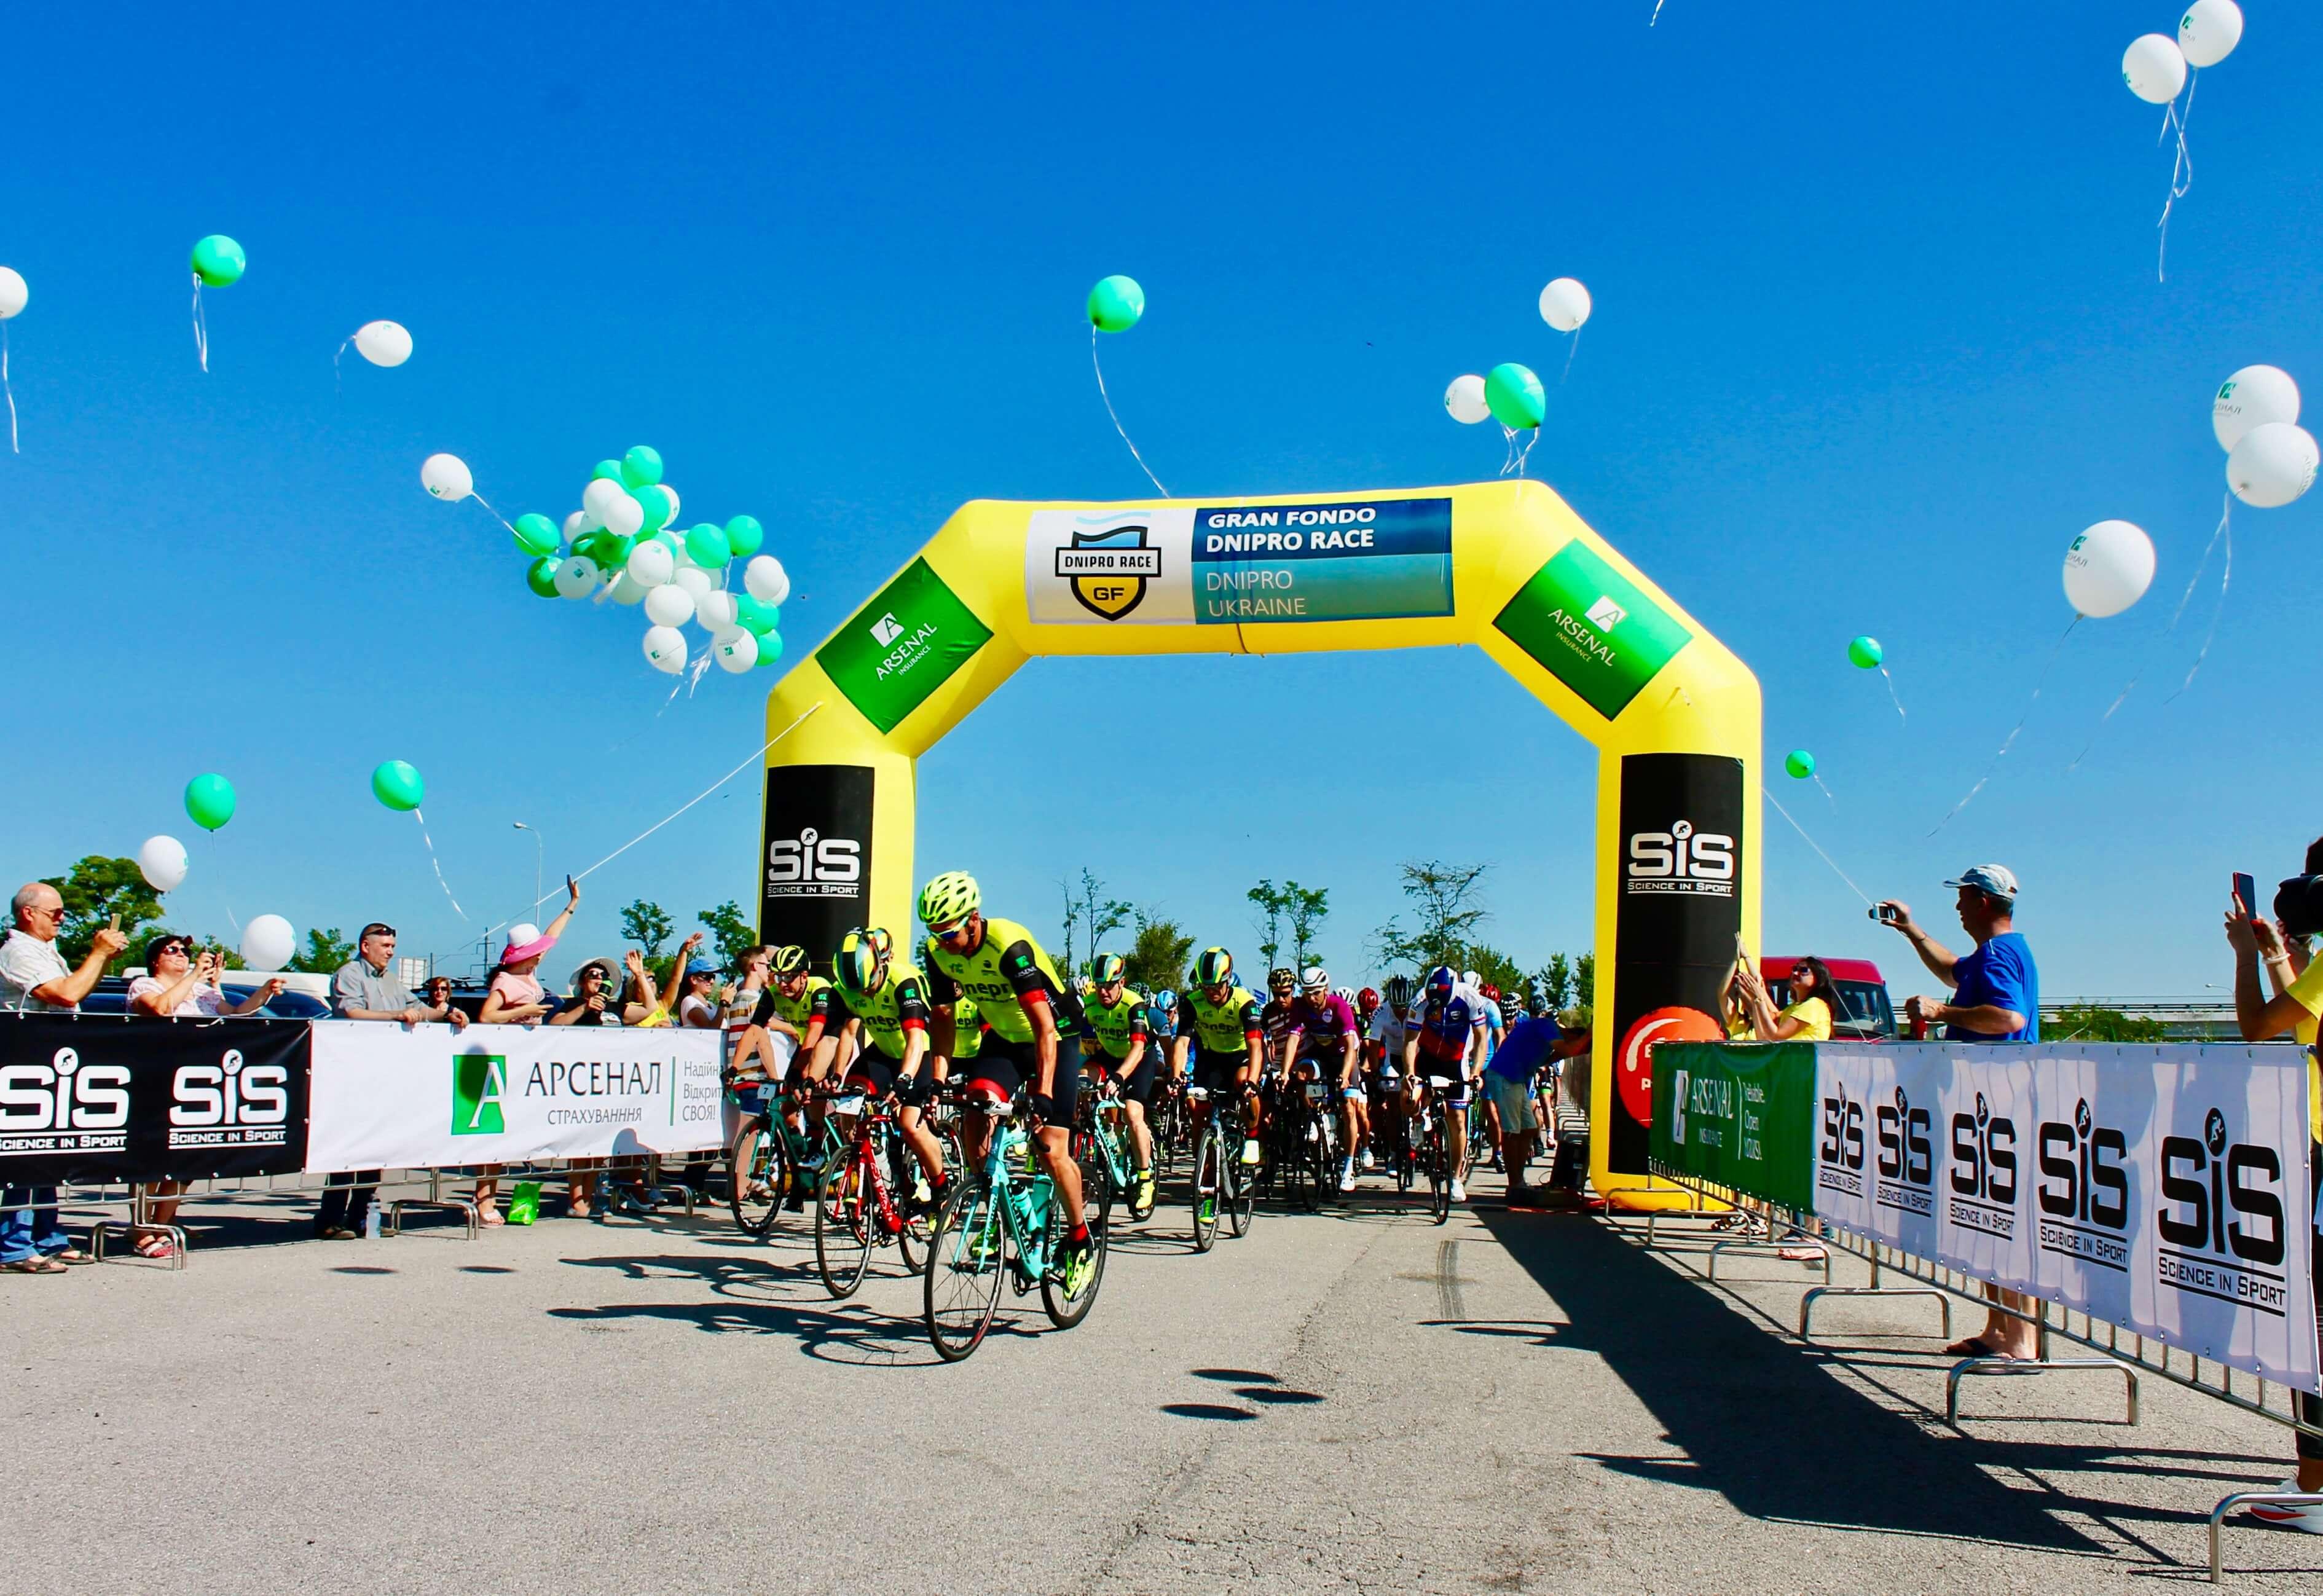 На Днепропетровщине пройдут всемирные соревнования по велосипедному спорту. Новости Днепра